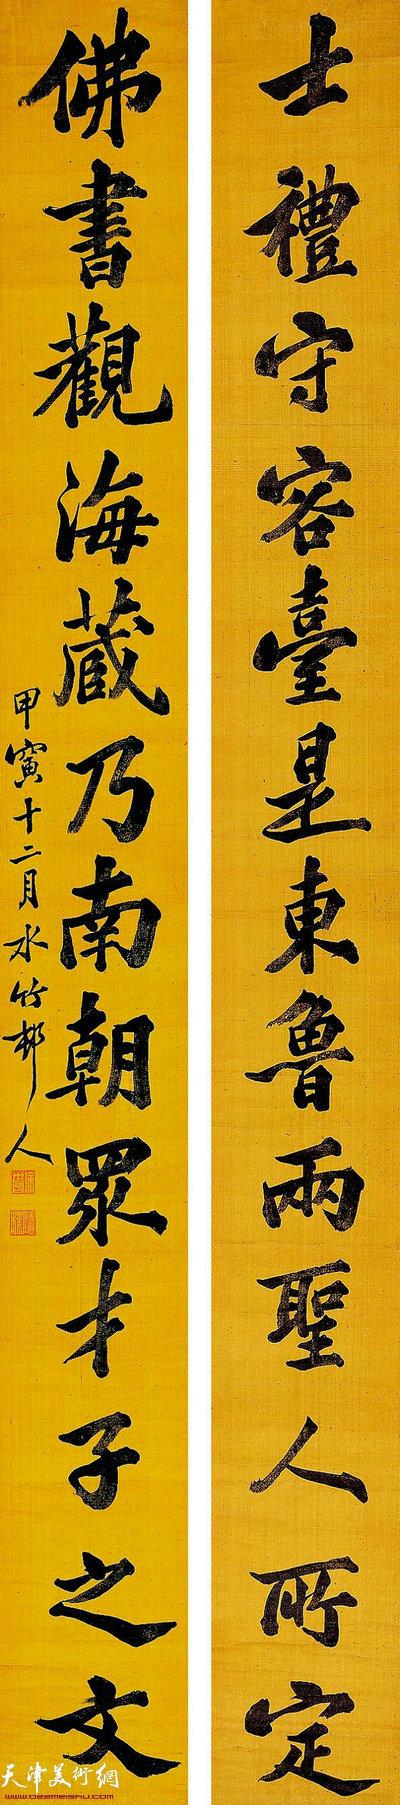 徐世昌《书法对联》